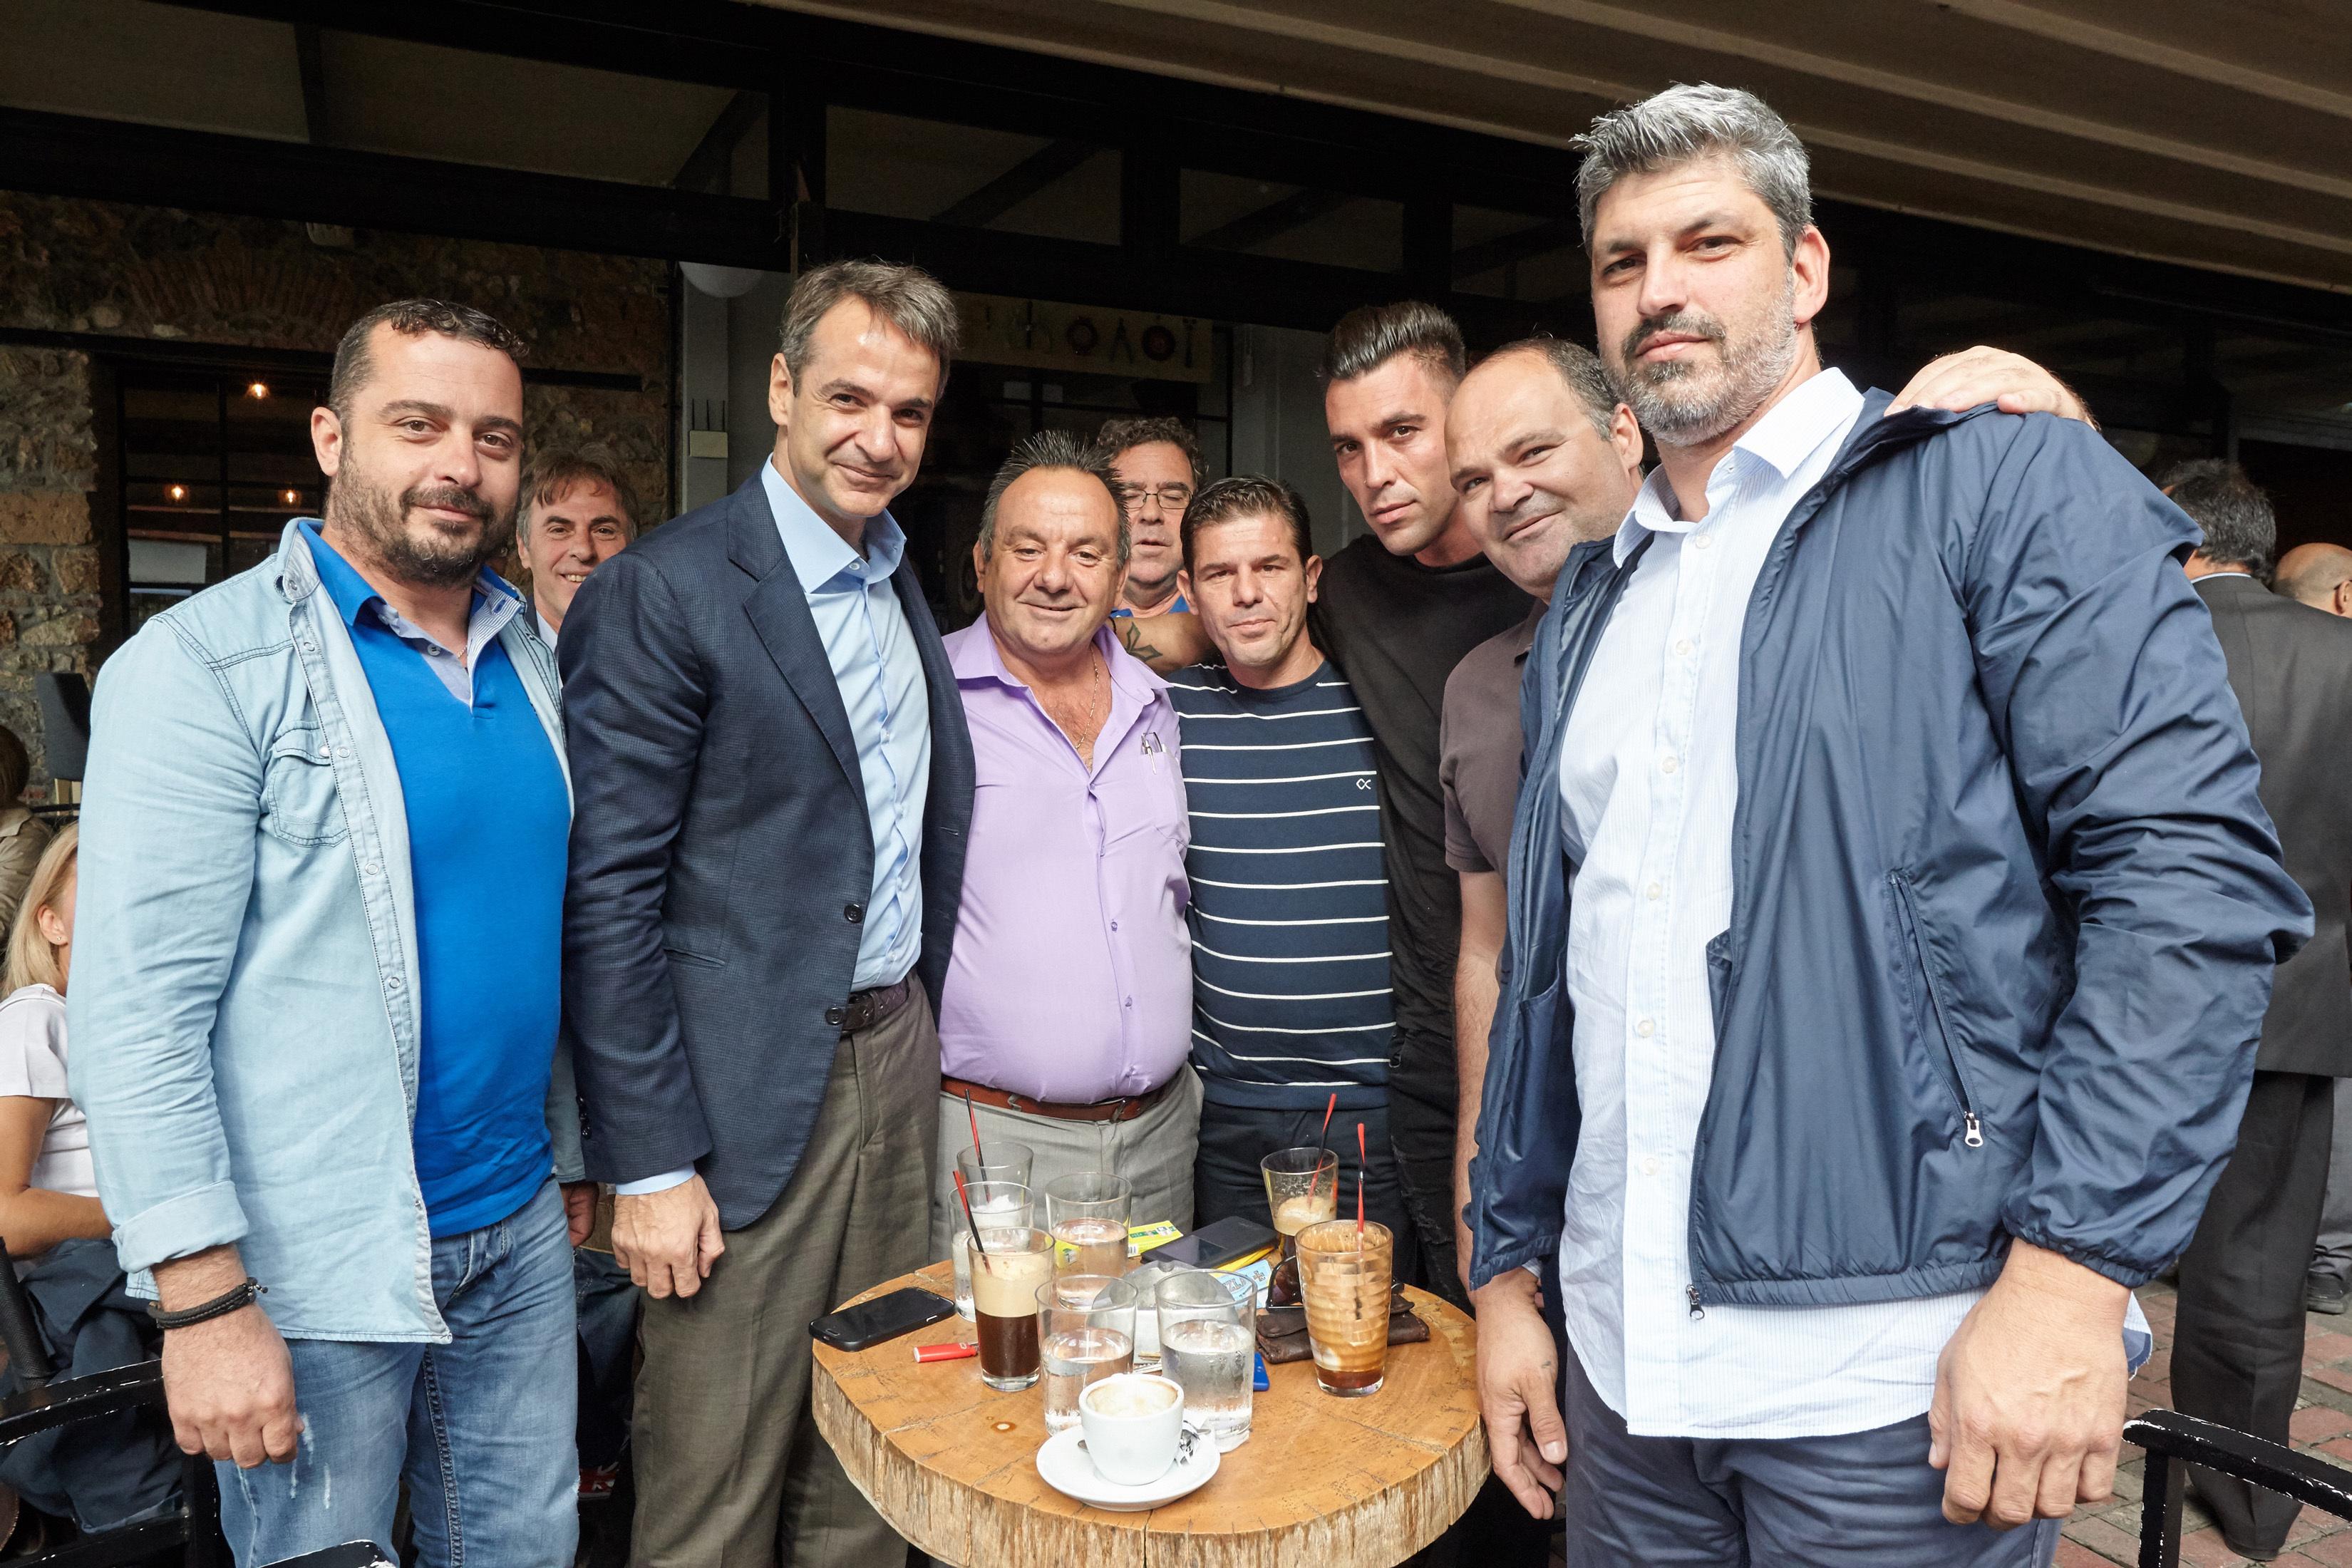 mitsotakis-egklovismenos-sta-adiexoda-toy-o-k-tsipras-photos3